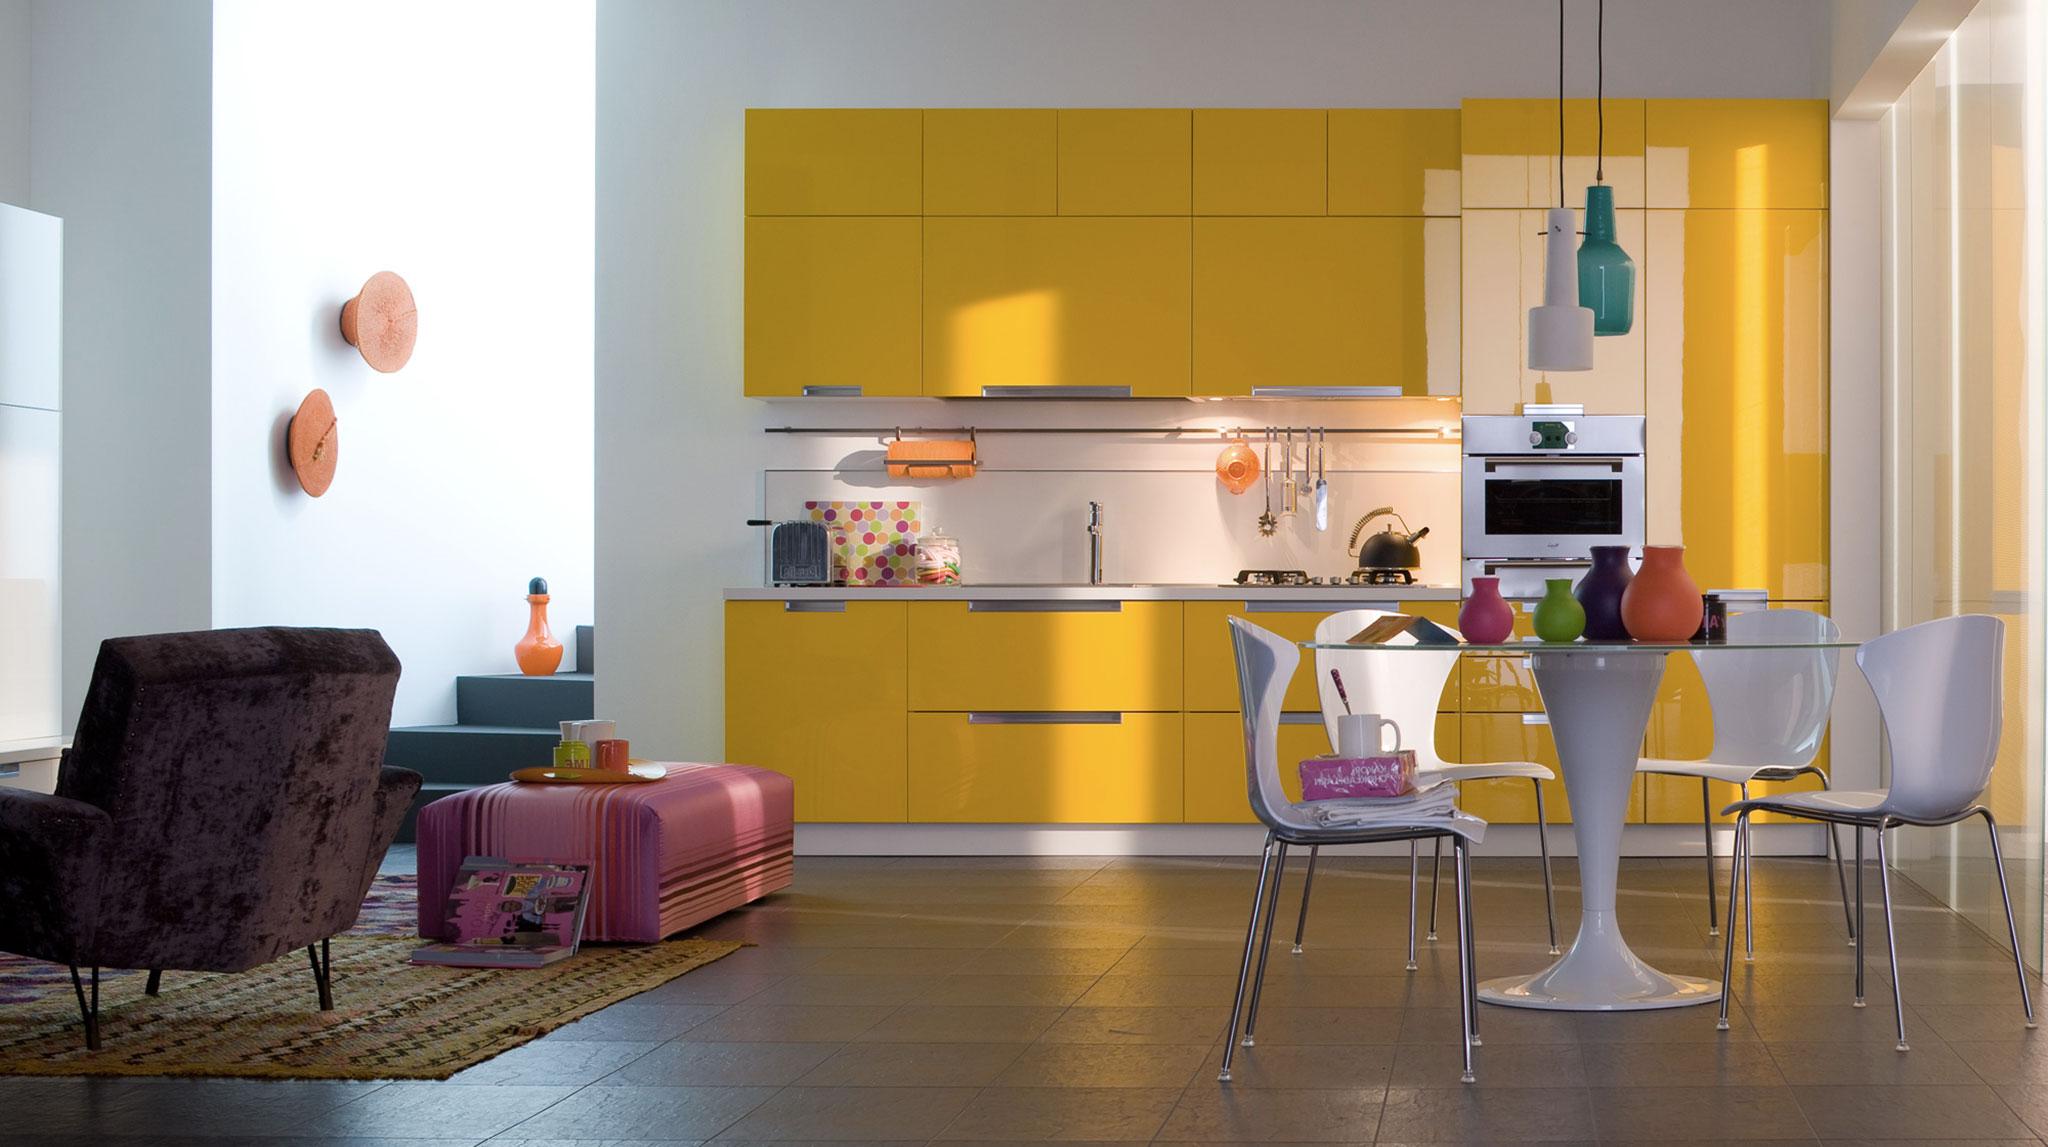 Meuble Cuisine Jaune Ikea Idée Pour Cuisine